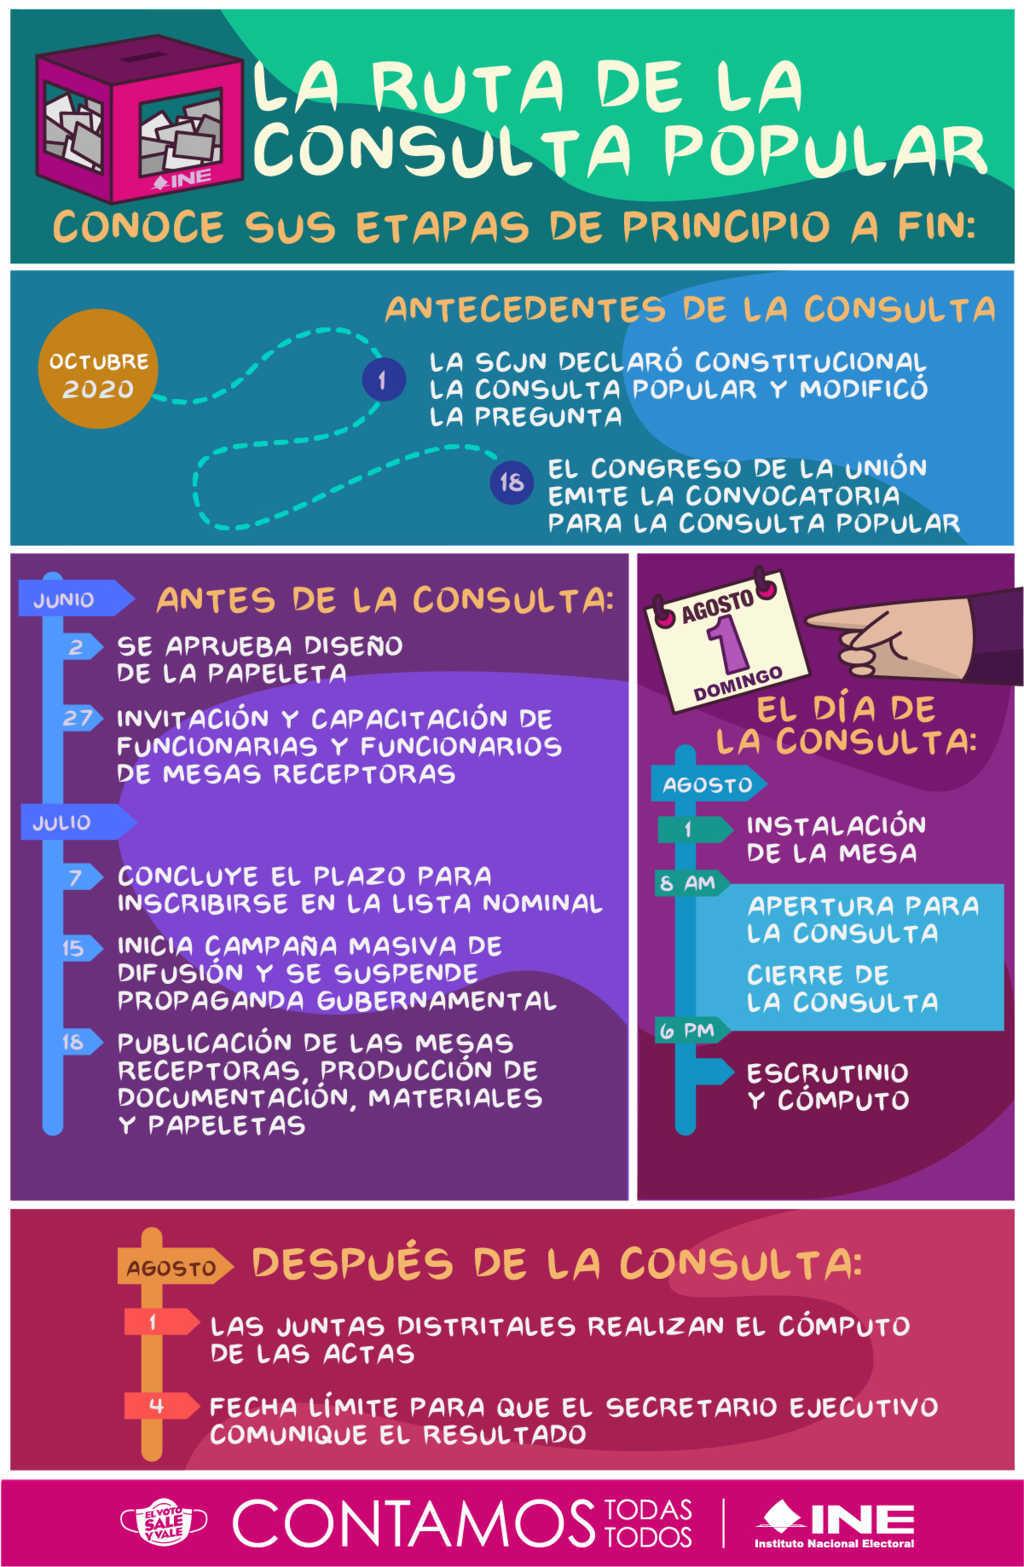 Todo listo en Tlaxcala para realizar la mega consulta popular de AMLO